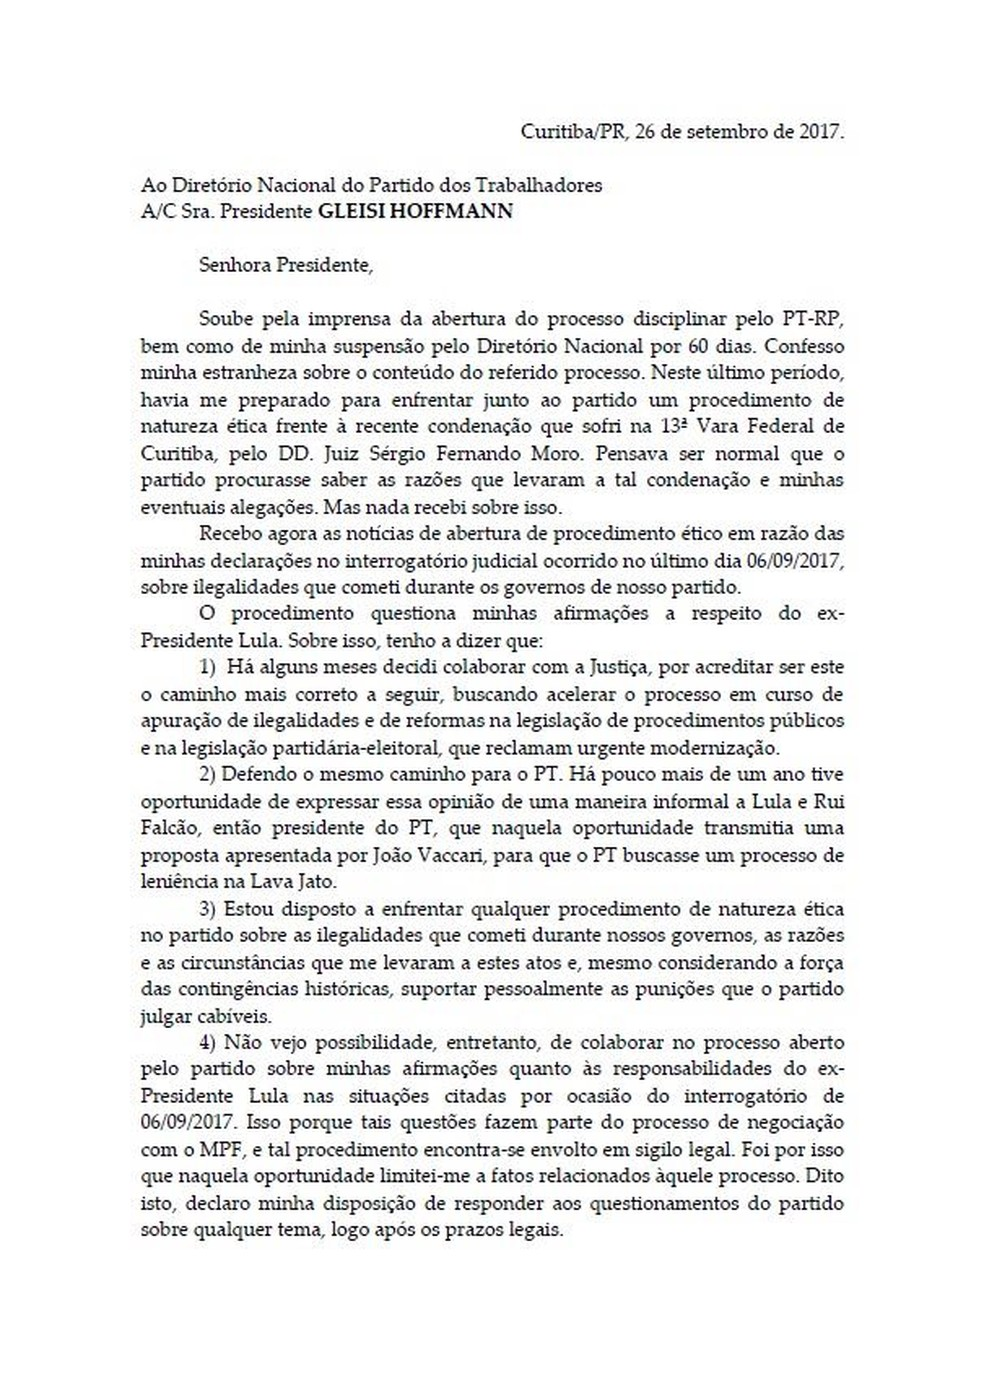 Carta Palocci (Foto: Reprodução)